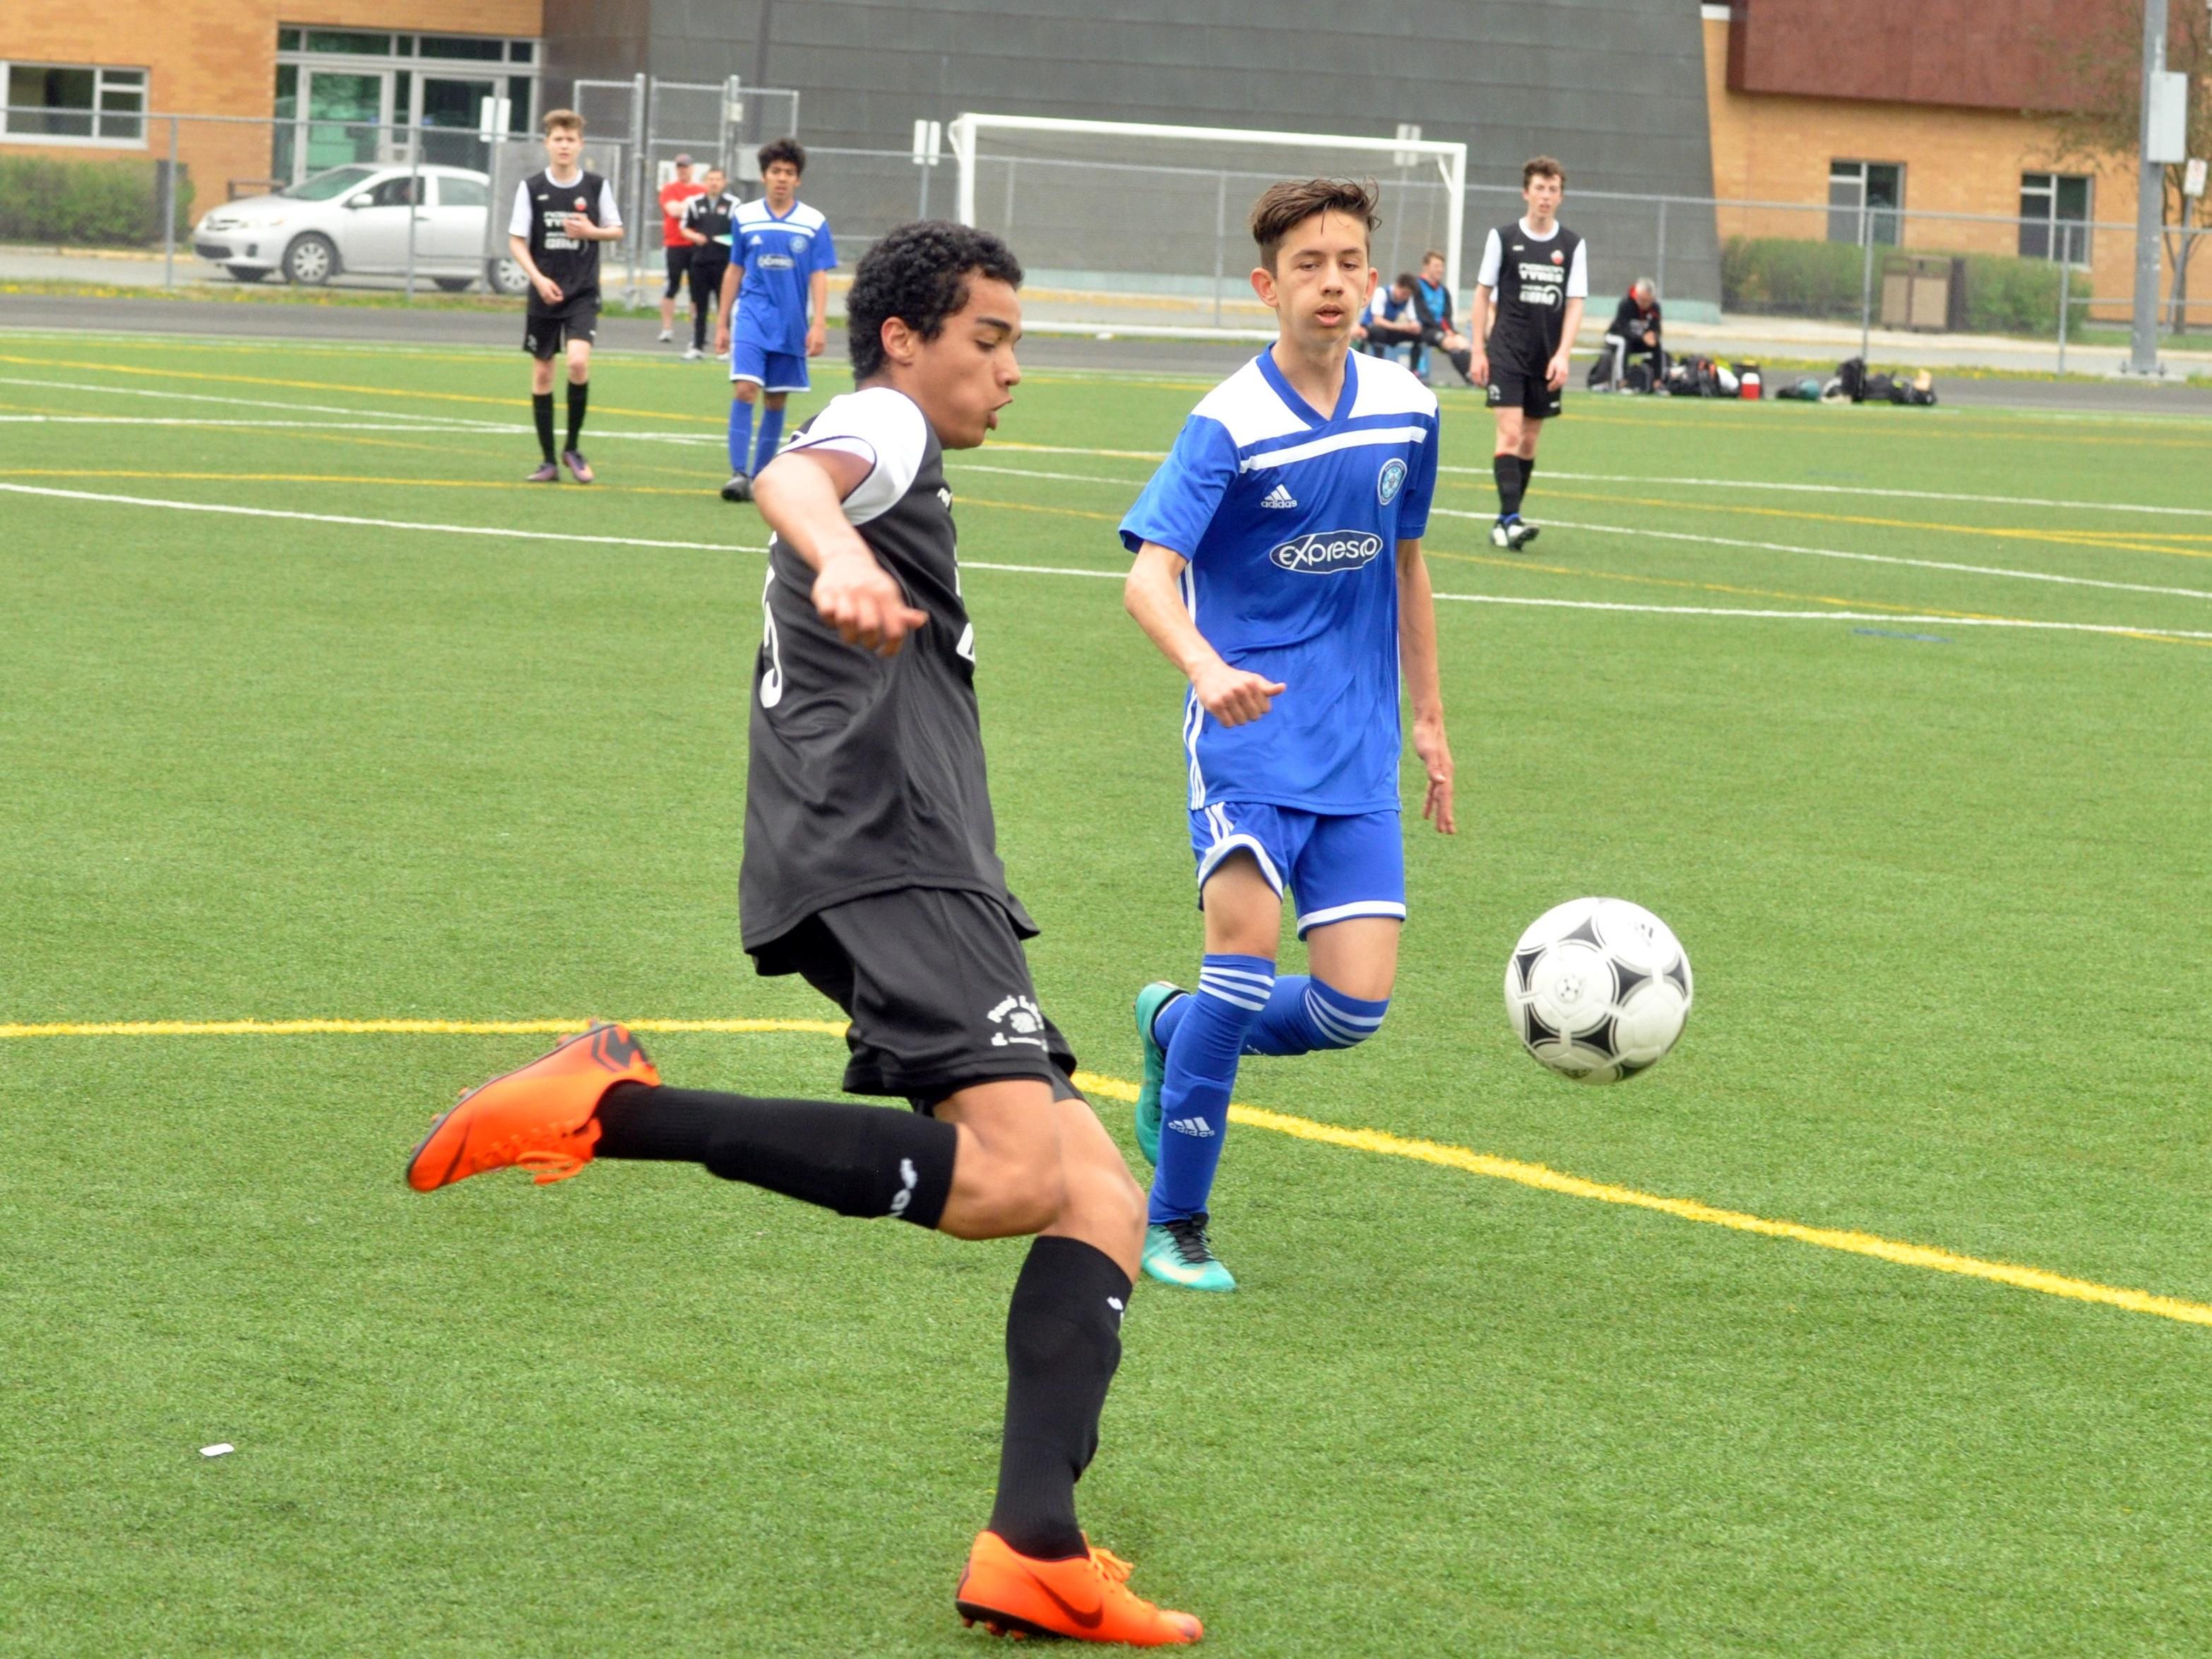 Soccer boréal